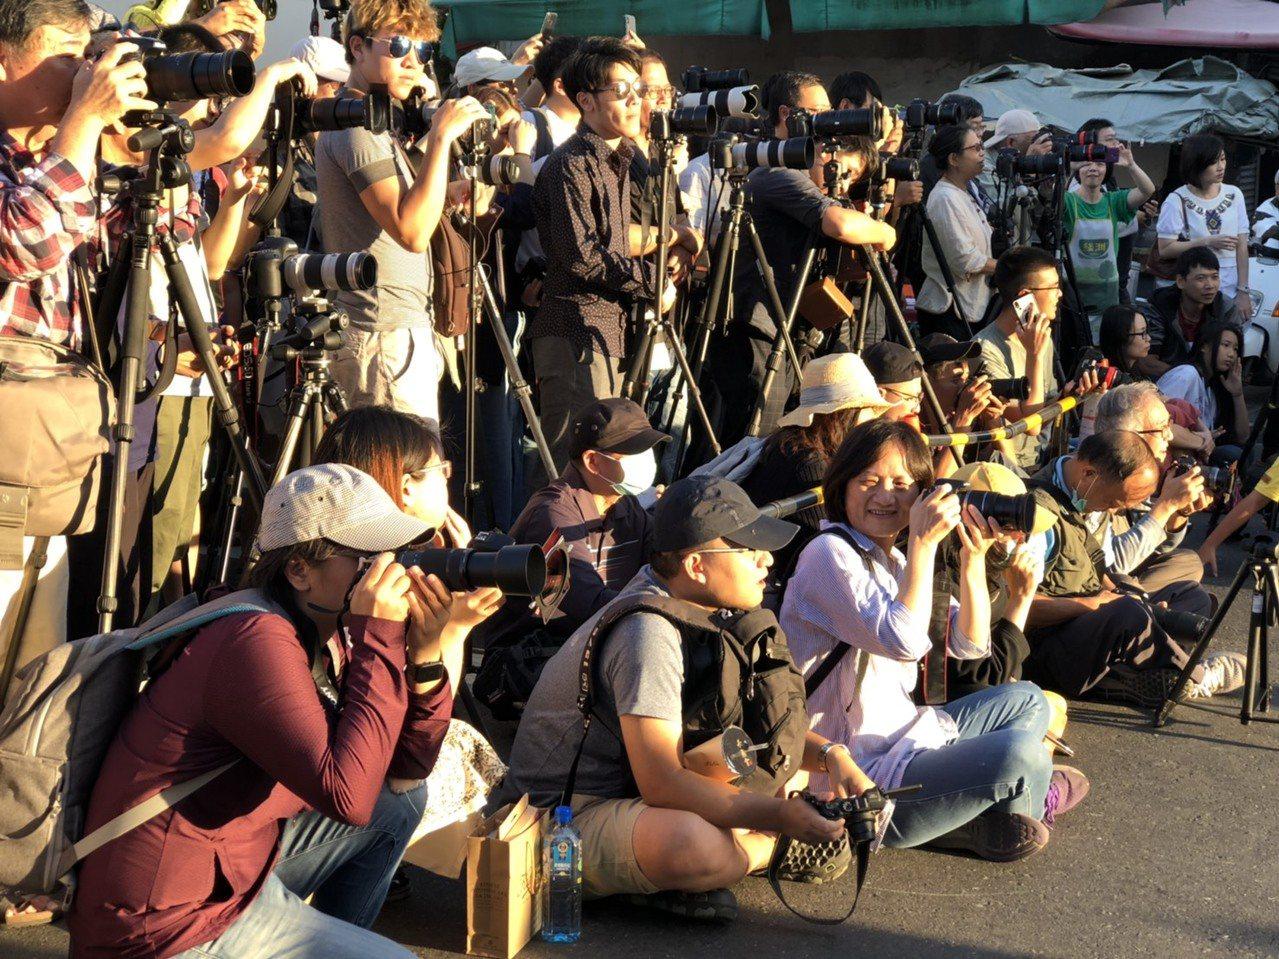 南投市民族路9日出現懸日景觀,市公所傍晚封閉部分路段讓民眾拍照,吸引上千人參與捕...